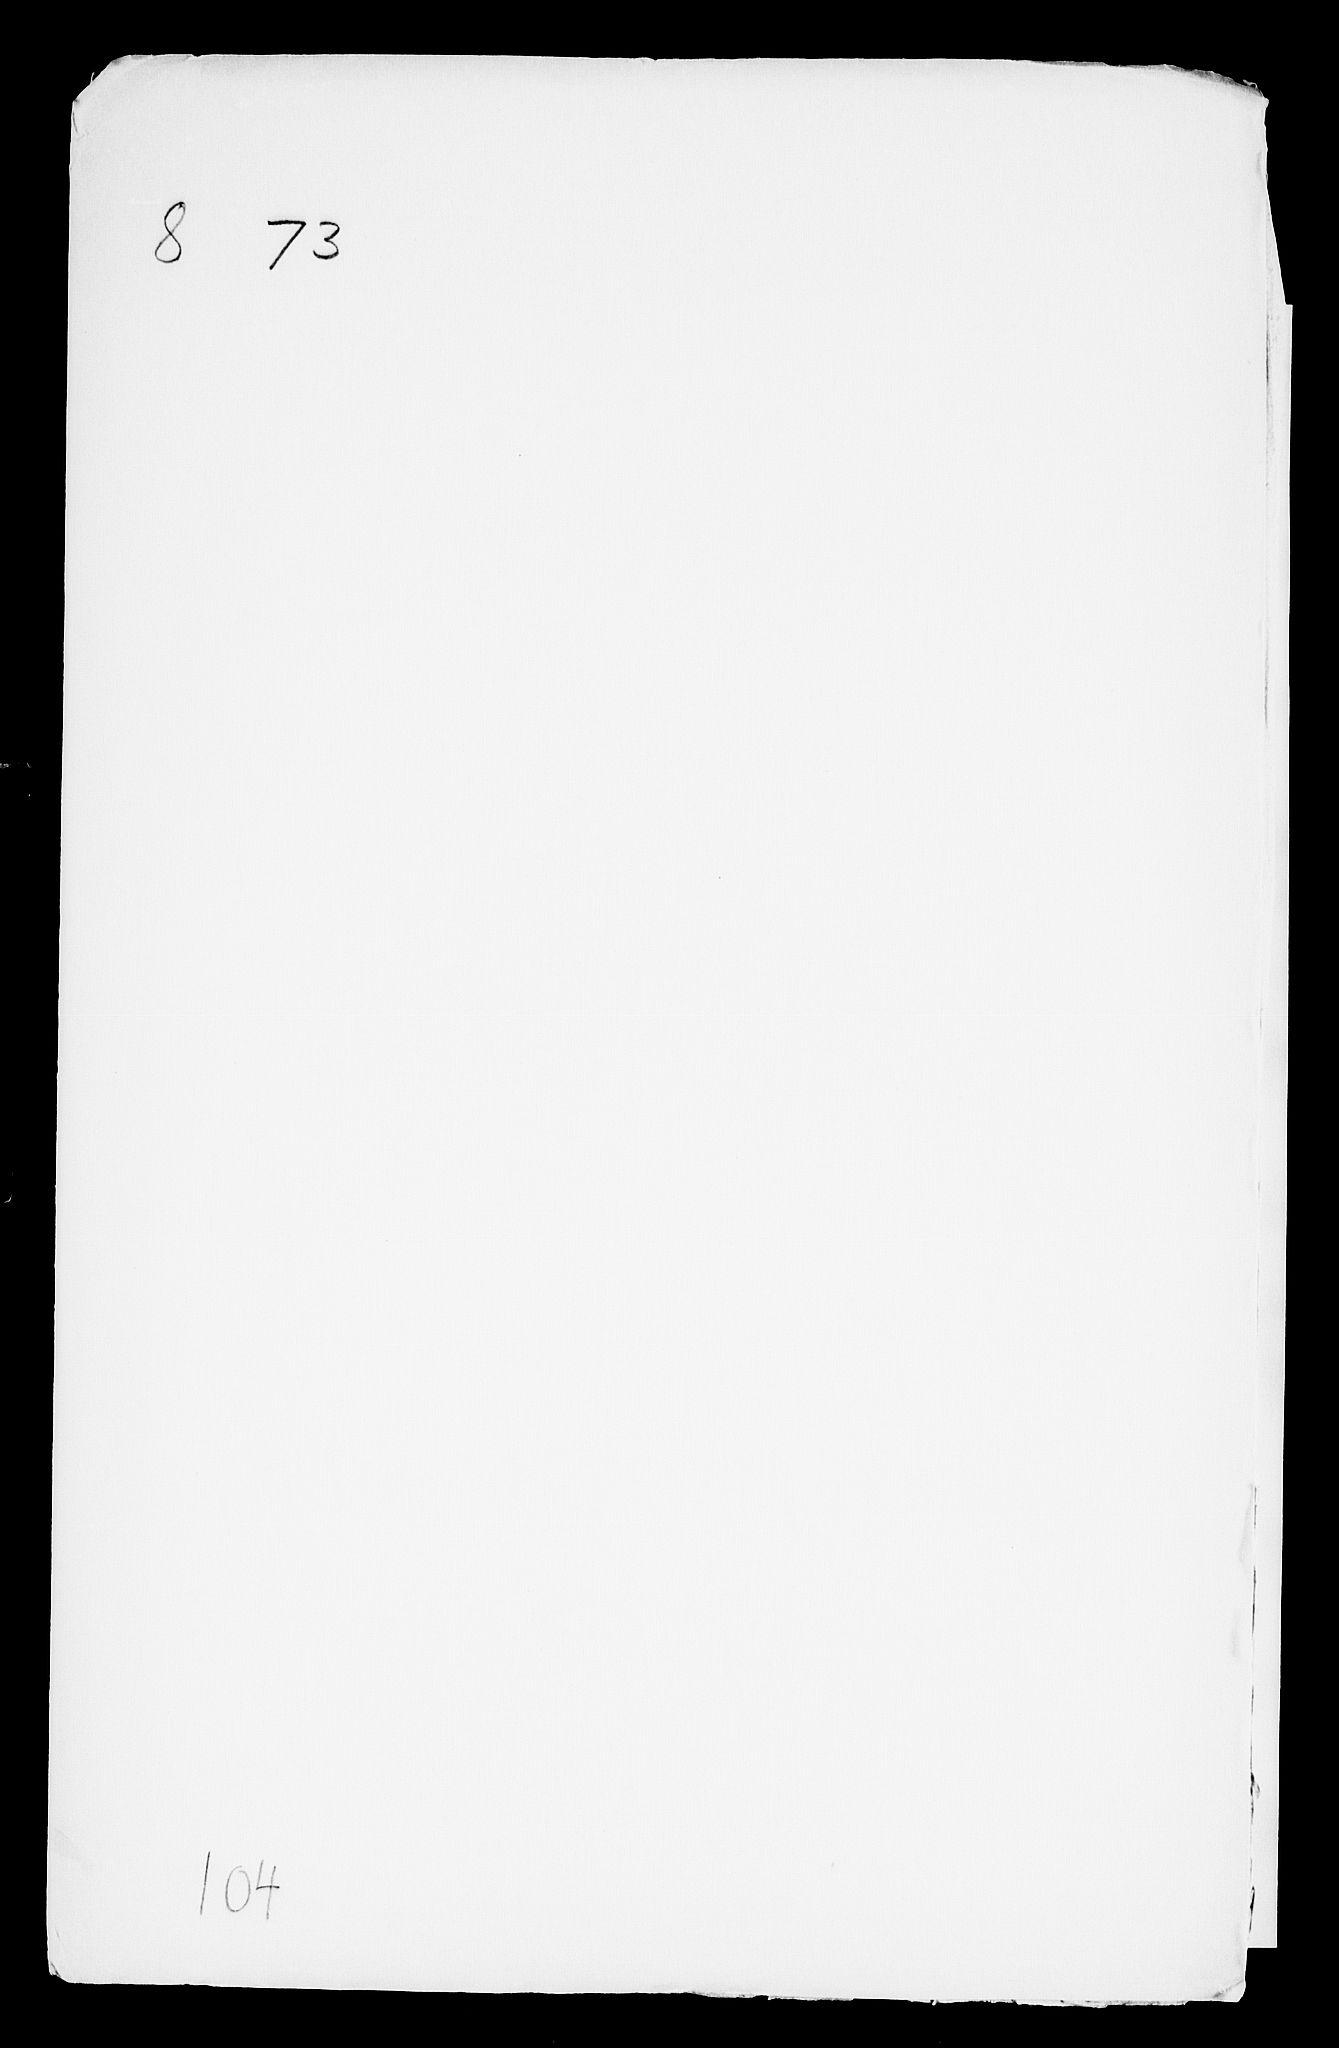 RA, Danske Kanselli, Skapsaker, F/L0003: Skap 8, pakke 73-95, 1616-1691, p. 2